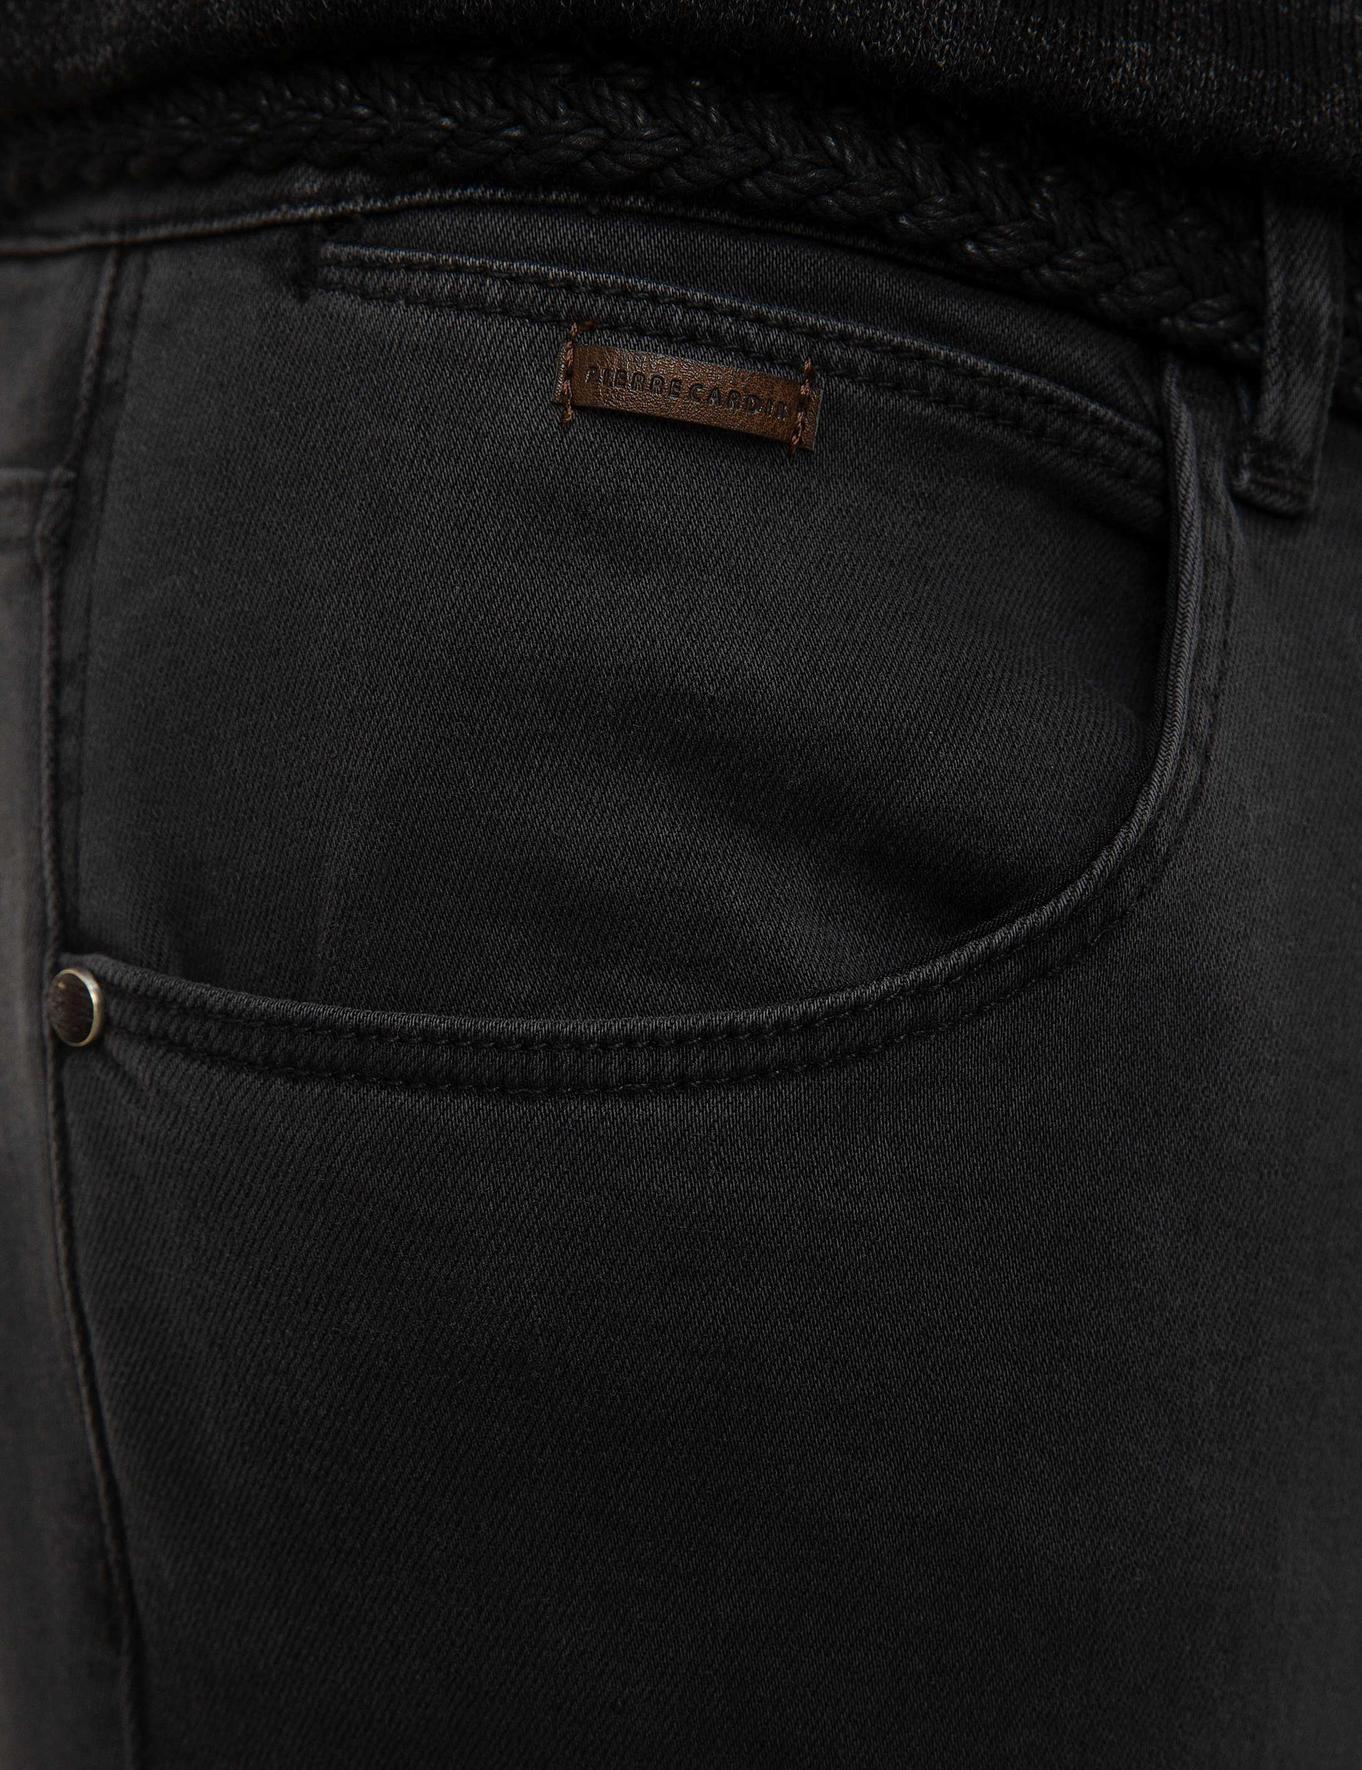 Antrasit Real Slim Fit Denim Pantolon